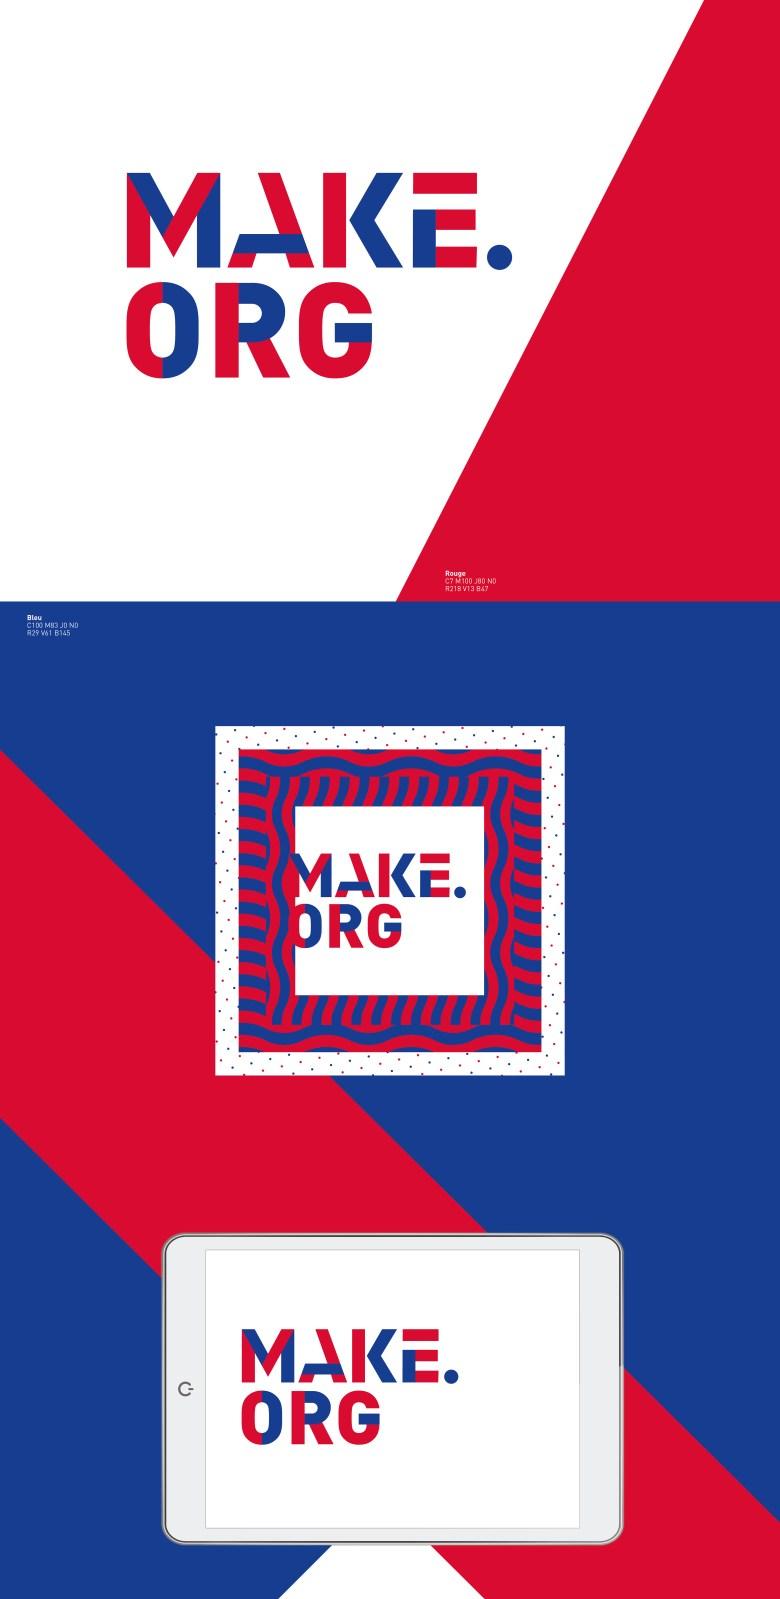 make-org-branding-identity-carre-noir-02